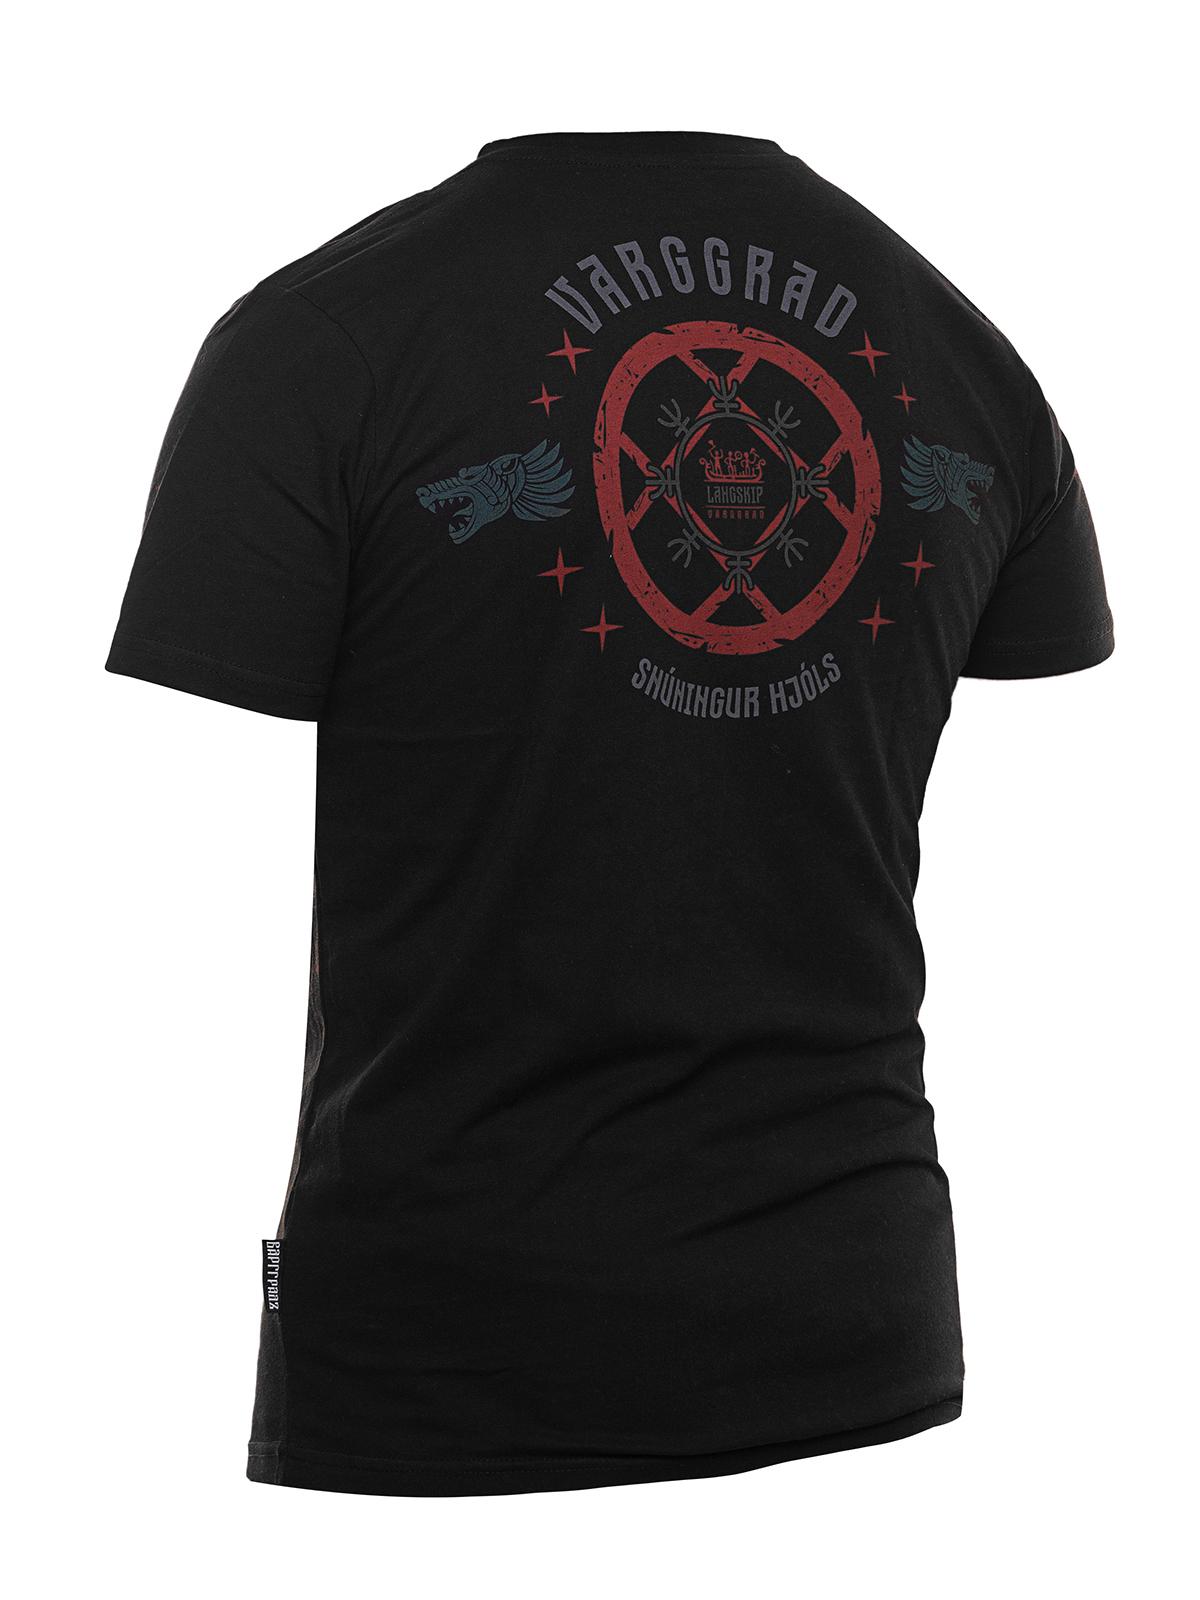 Футболка Варгградъ мужская чёрная (красный/серый)